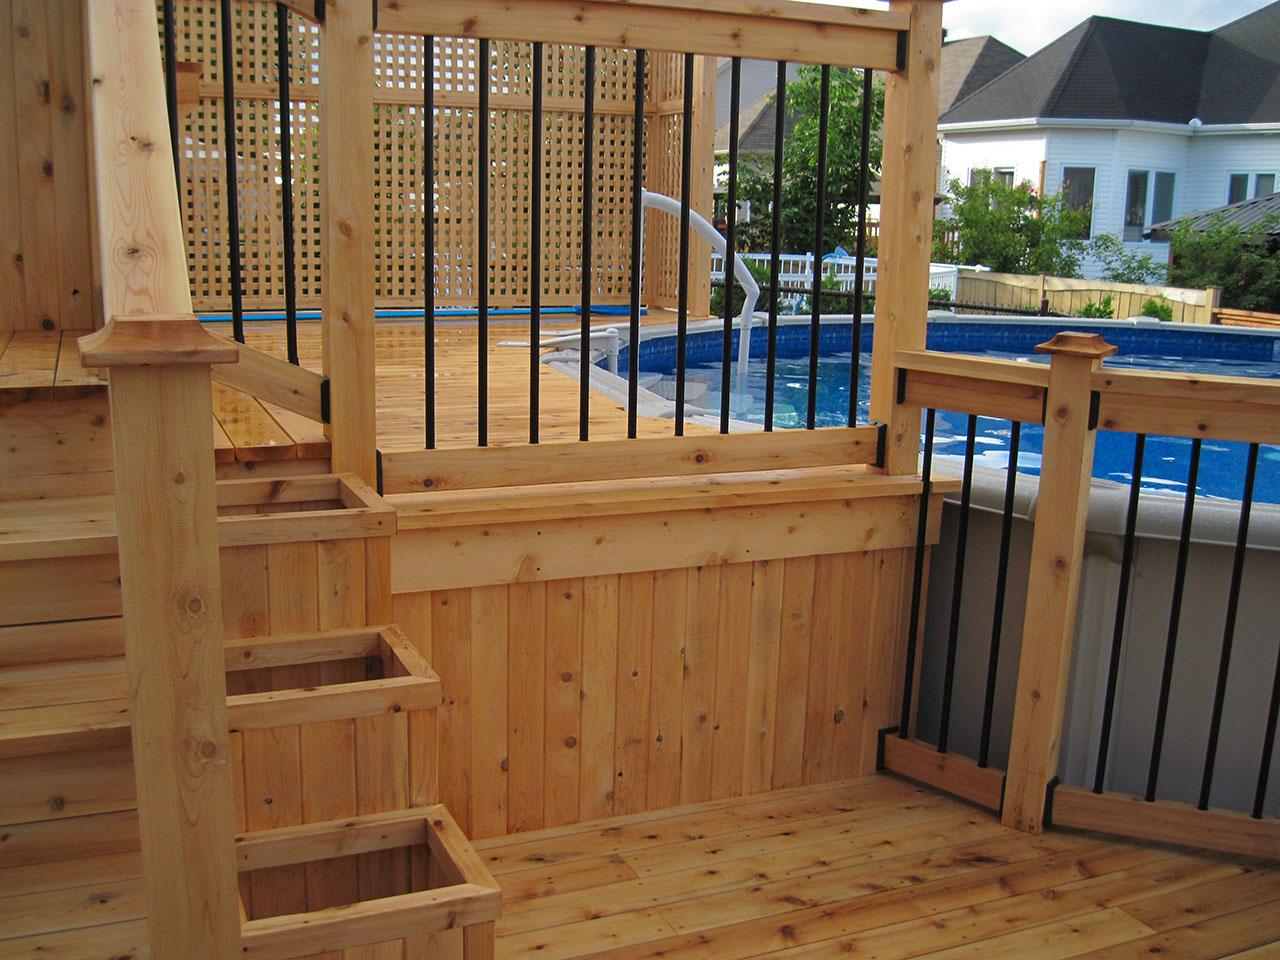 Patio, pergola et clôtures de bois exemple 5